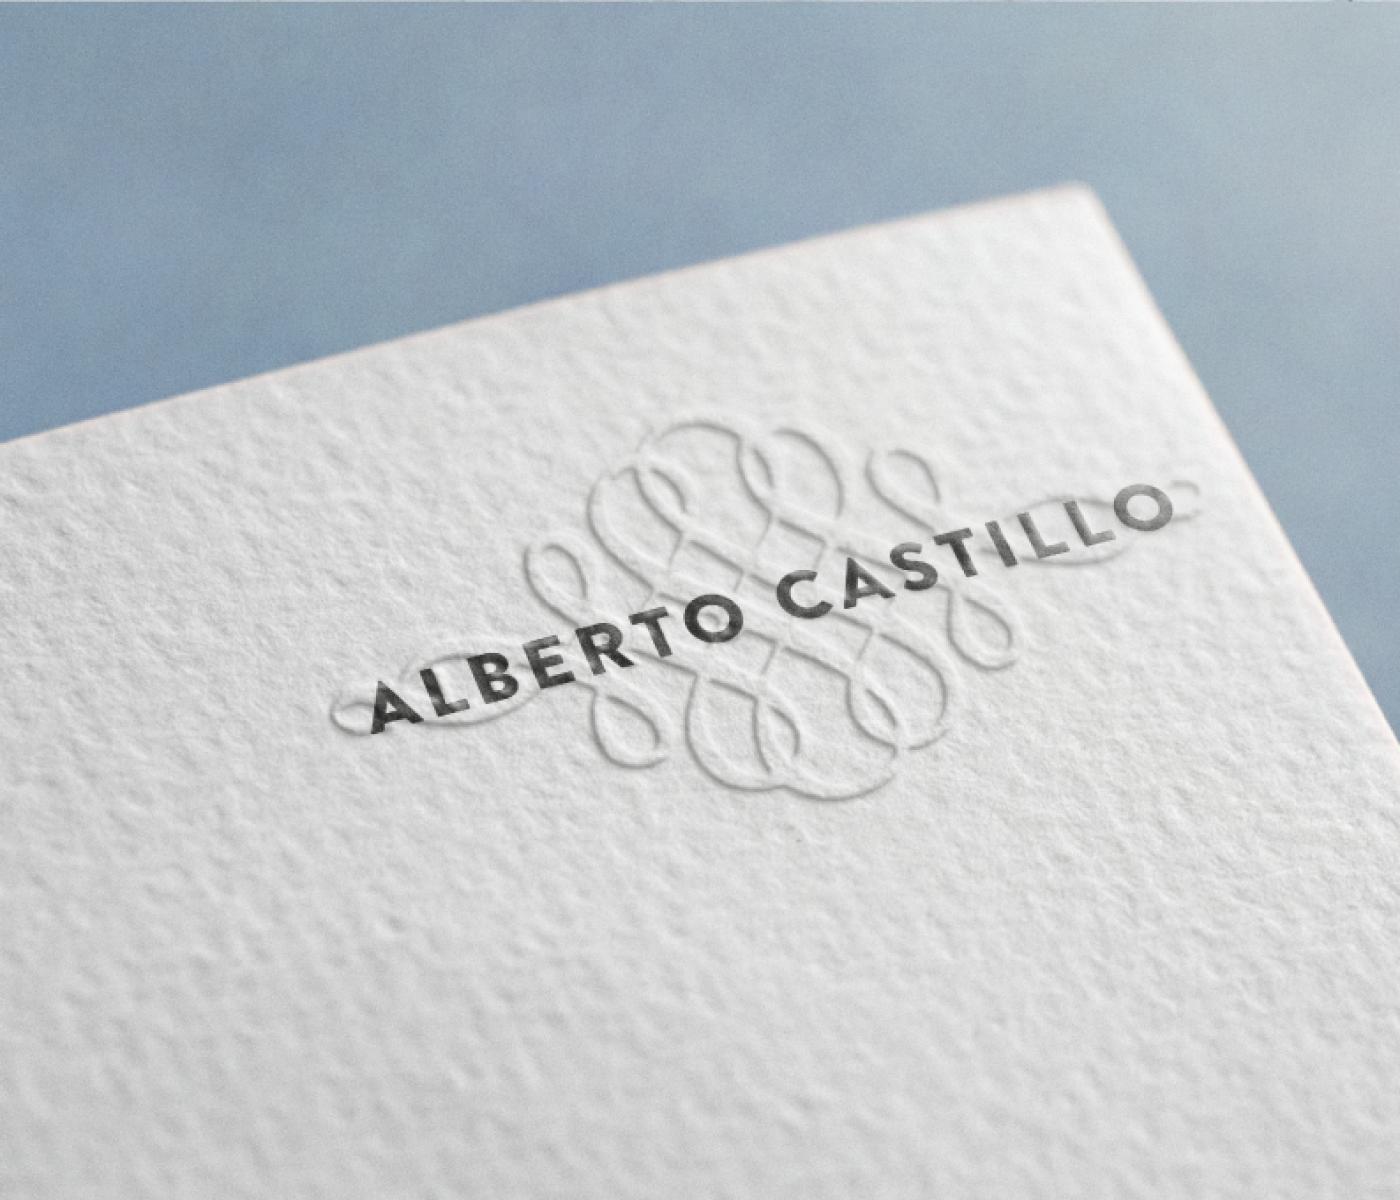 Dr. Alberto Castillo